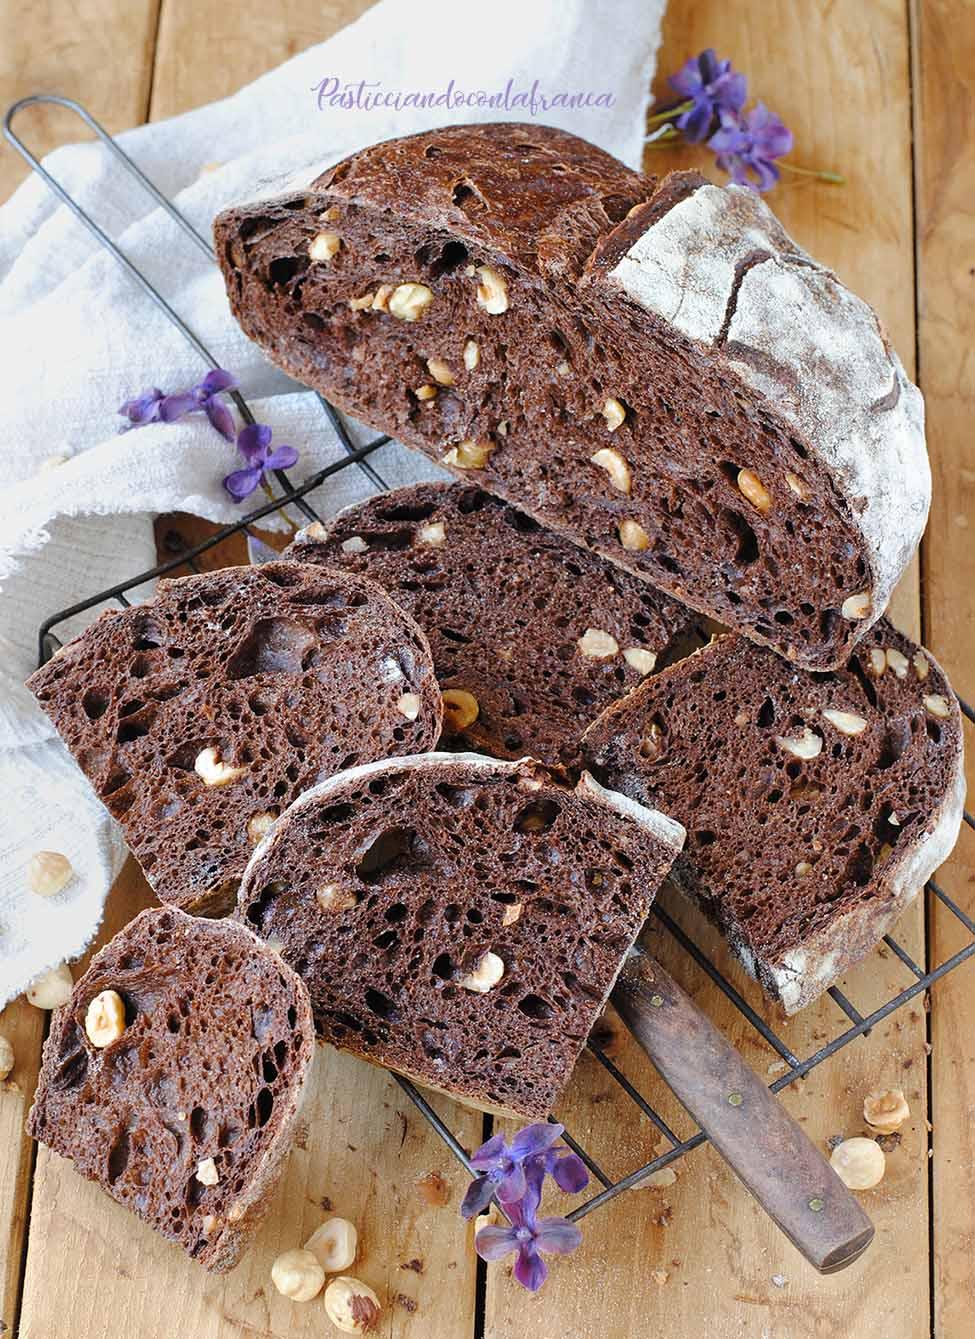 questa immagine rappresenta Il Pane al Cacao e Nocciole